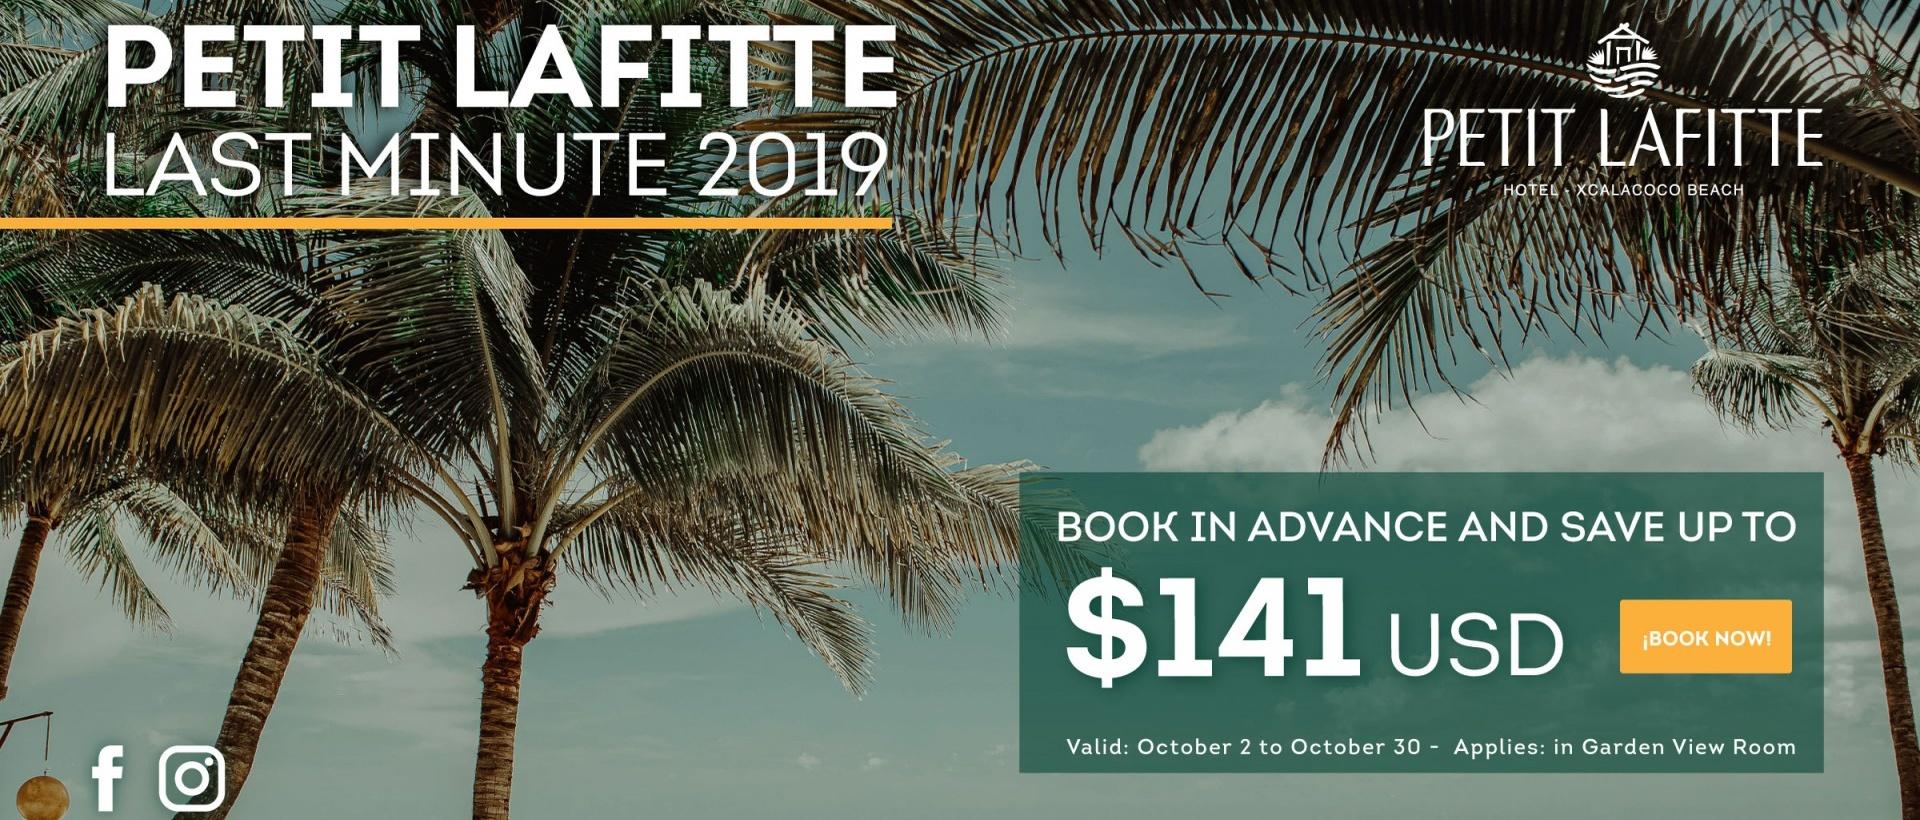 Hotel Petit Lafitte